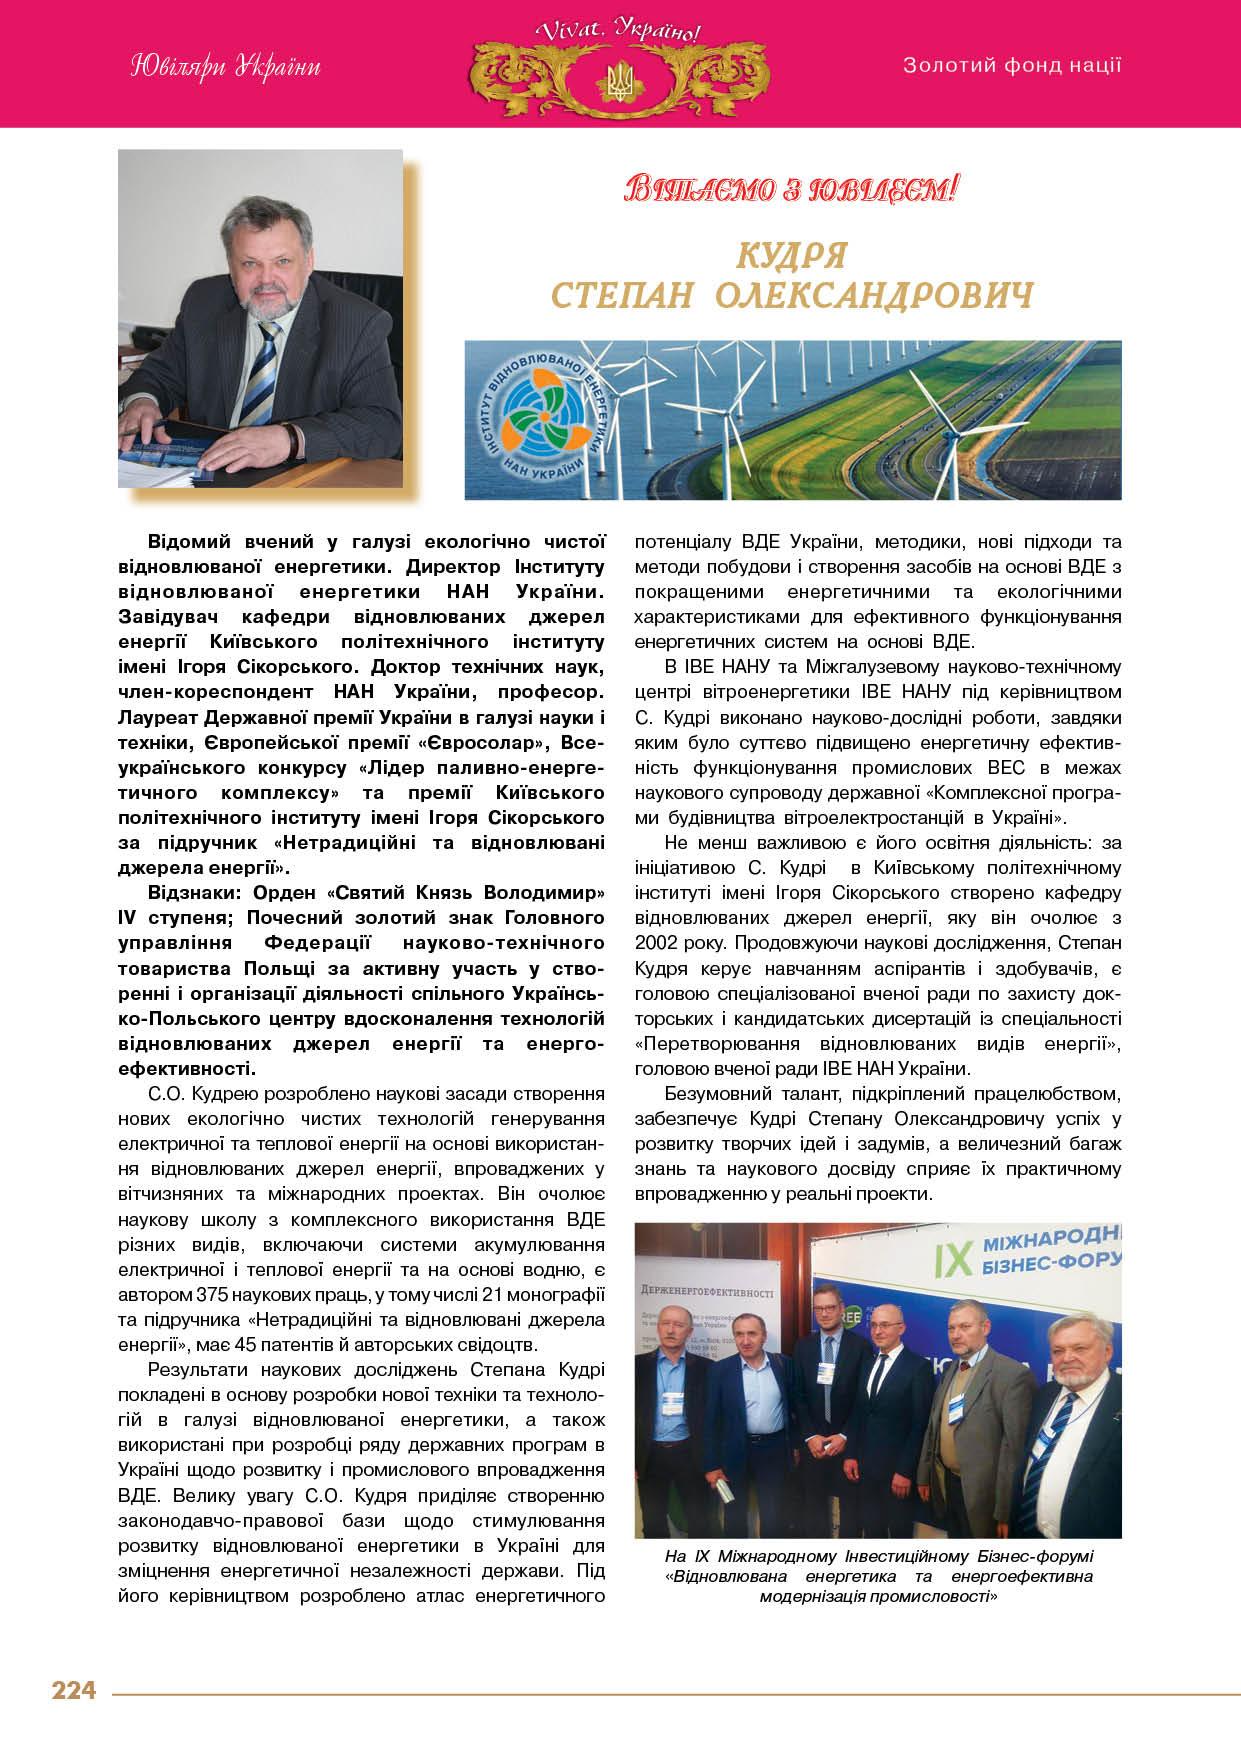 Кудря Степан Олександрович